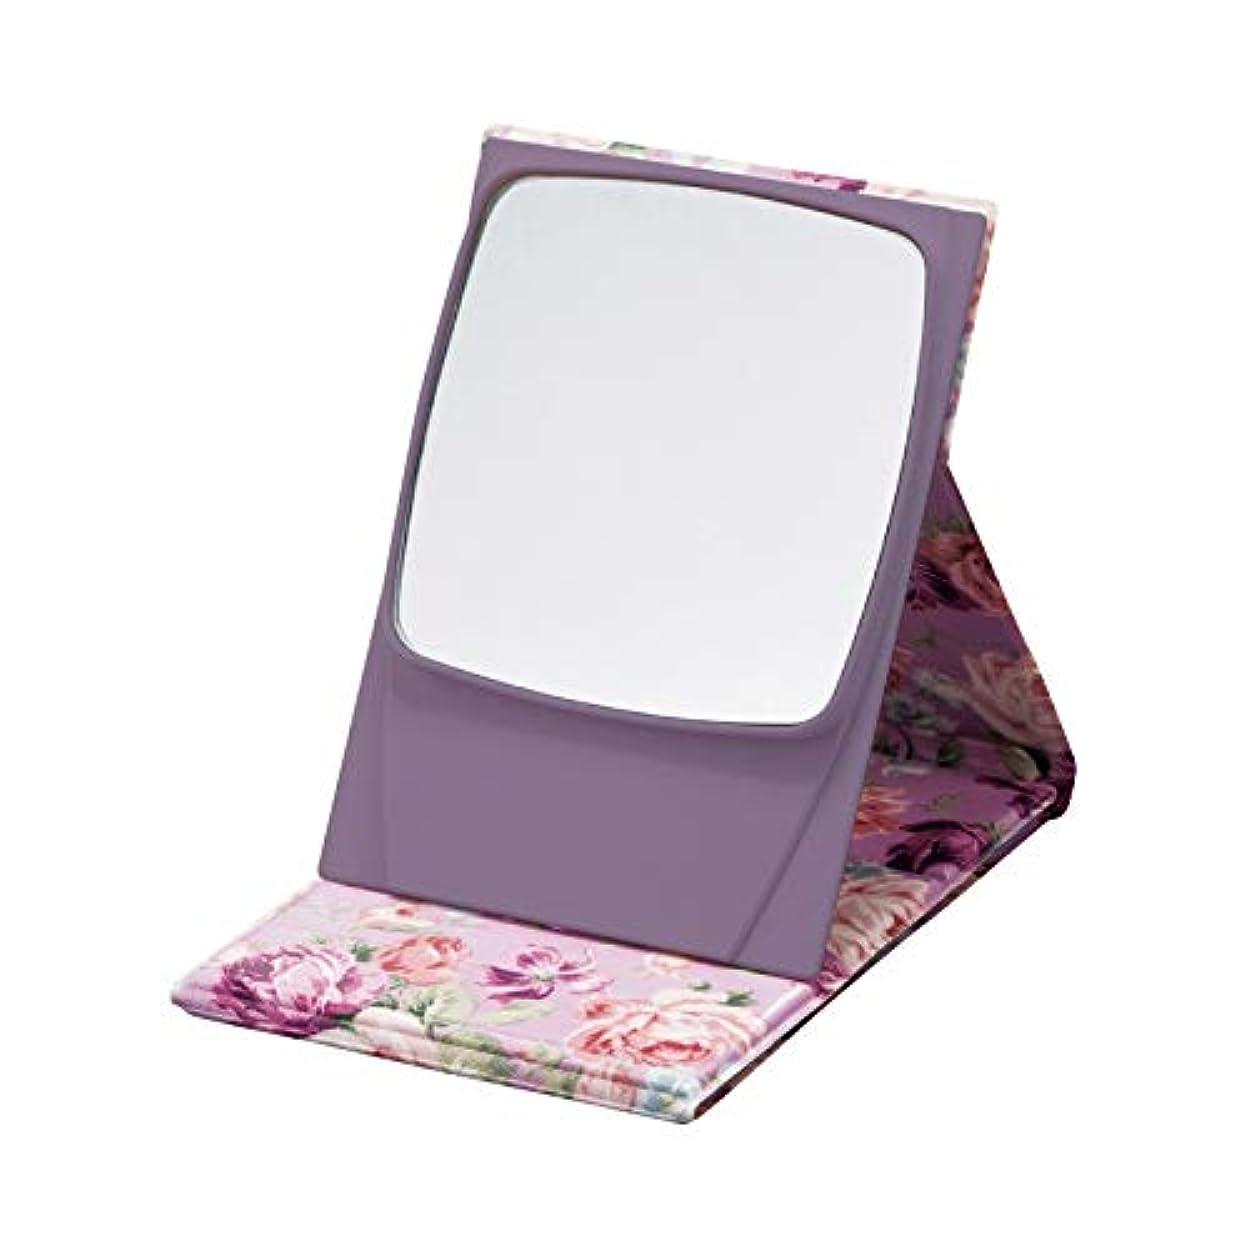 グラス下足5倍拡大鏡プロモデルナピュアミラー ローズピンク 【花柄 鏡 拡大鏡付き メイク 美容 おしゃれ 化粧 コンパクト】